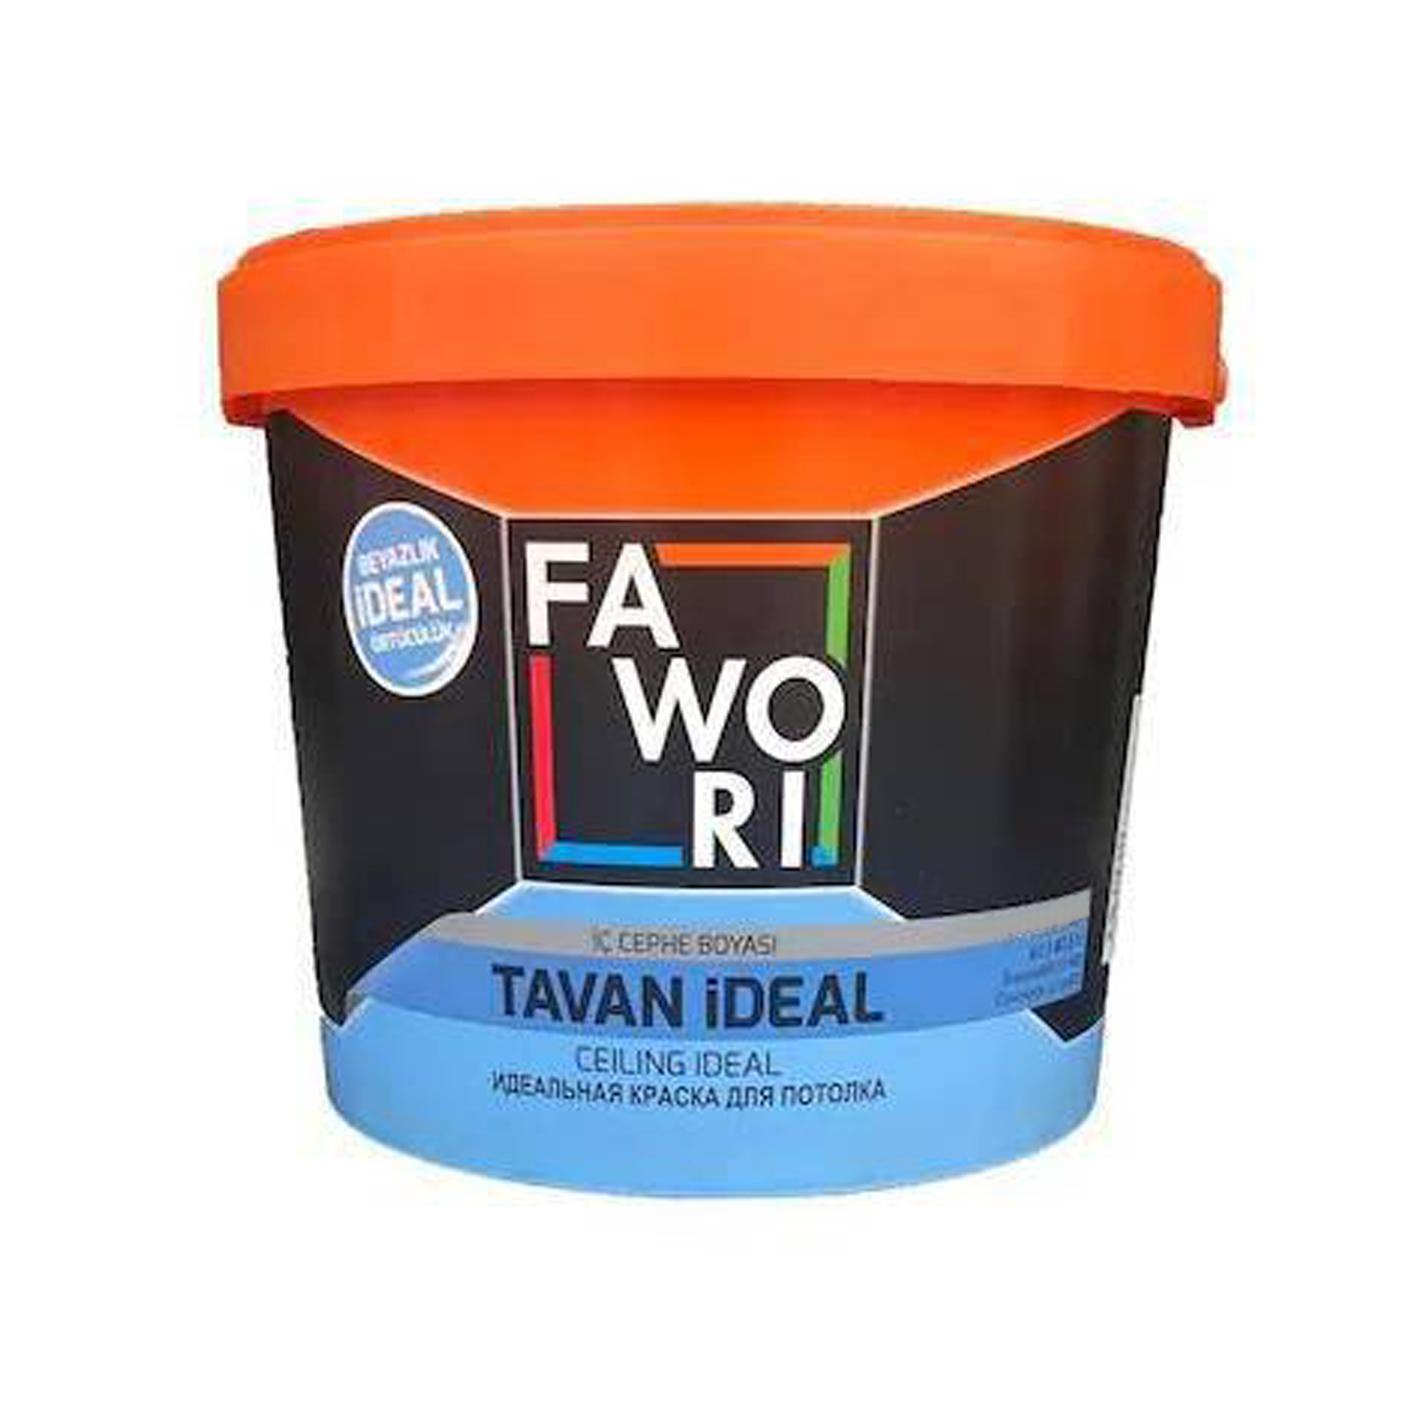 Fawori İdeal Tavan Boyası 17.5Kg